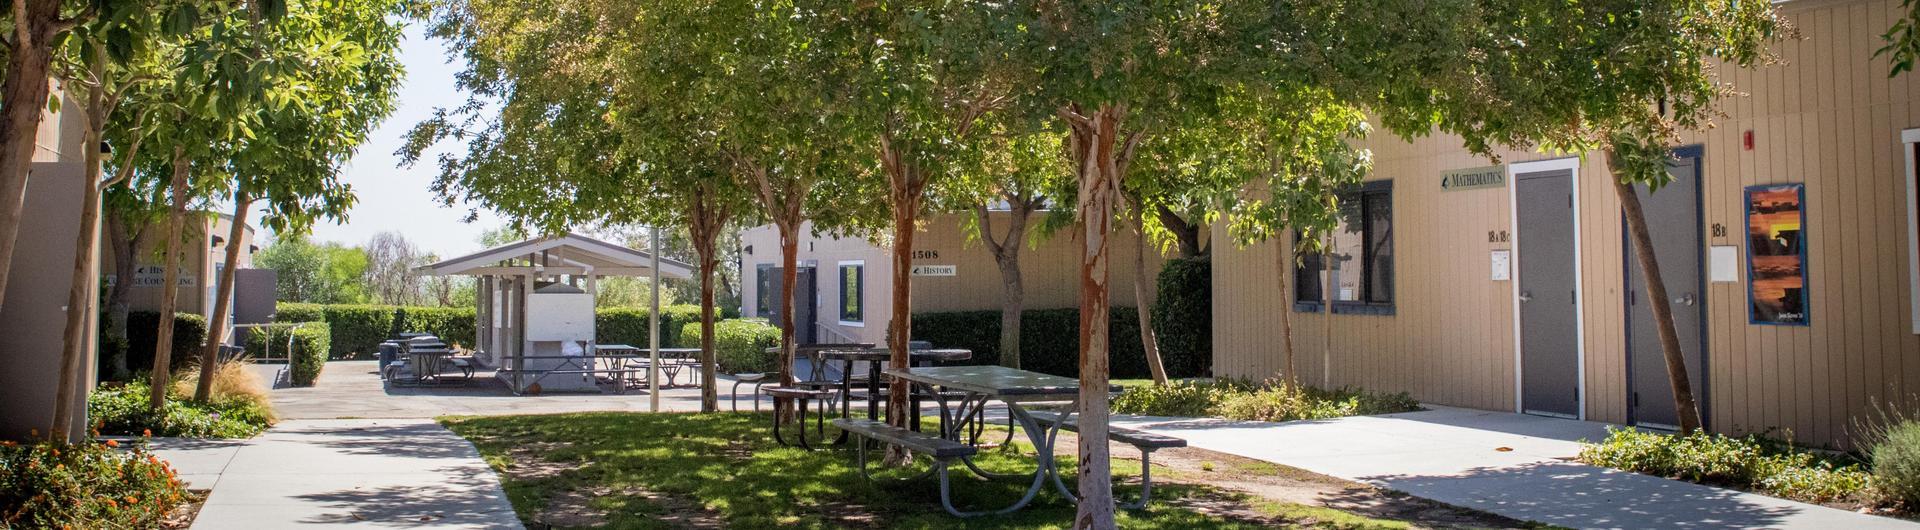 Center of campus